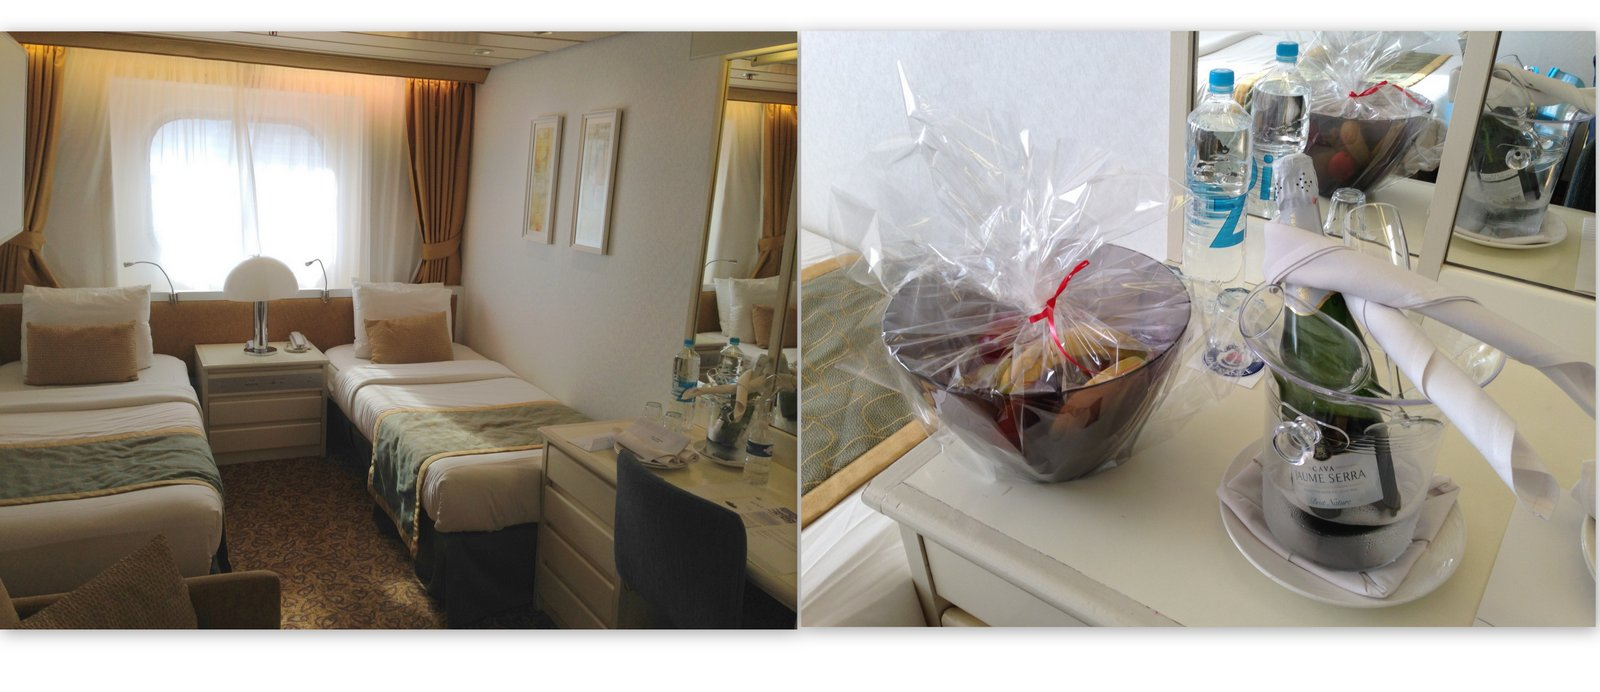 Ma cabine à bord de l'Horizon, avec champagne et corbeille de fruits pour l'accueil!